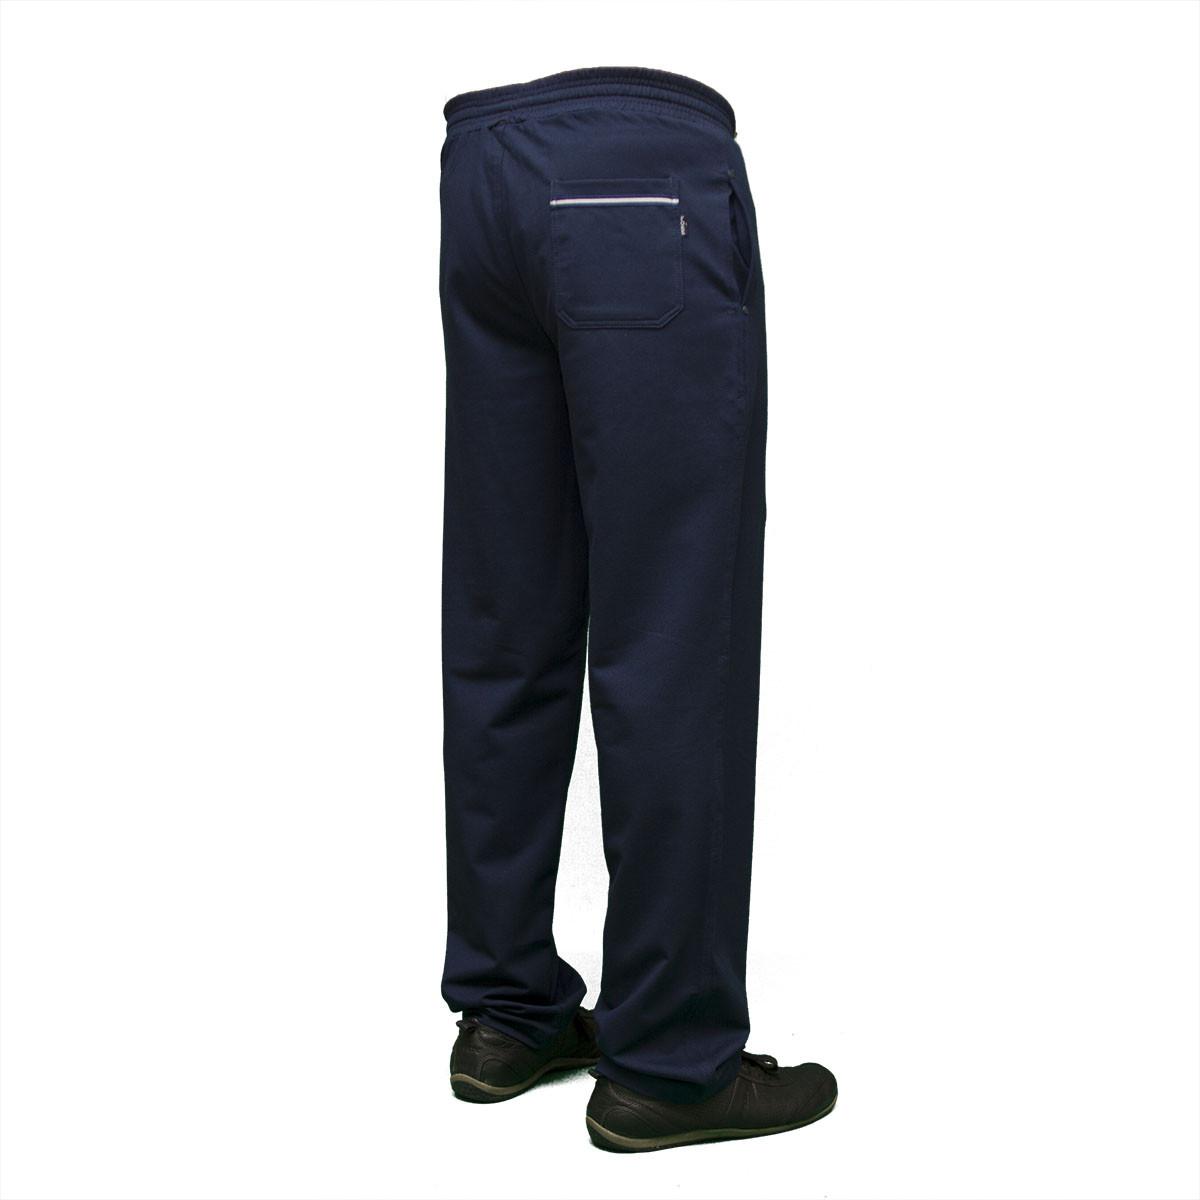 Фабричные турецкие спортивные штаны в интернете низкие цены тм. FORE арт.3023-3